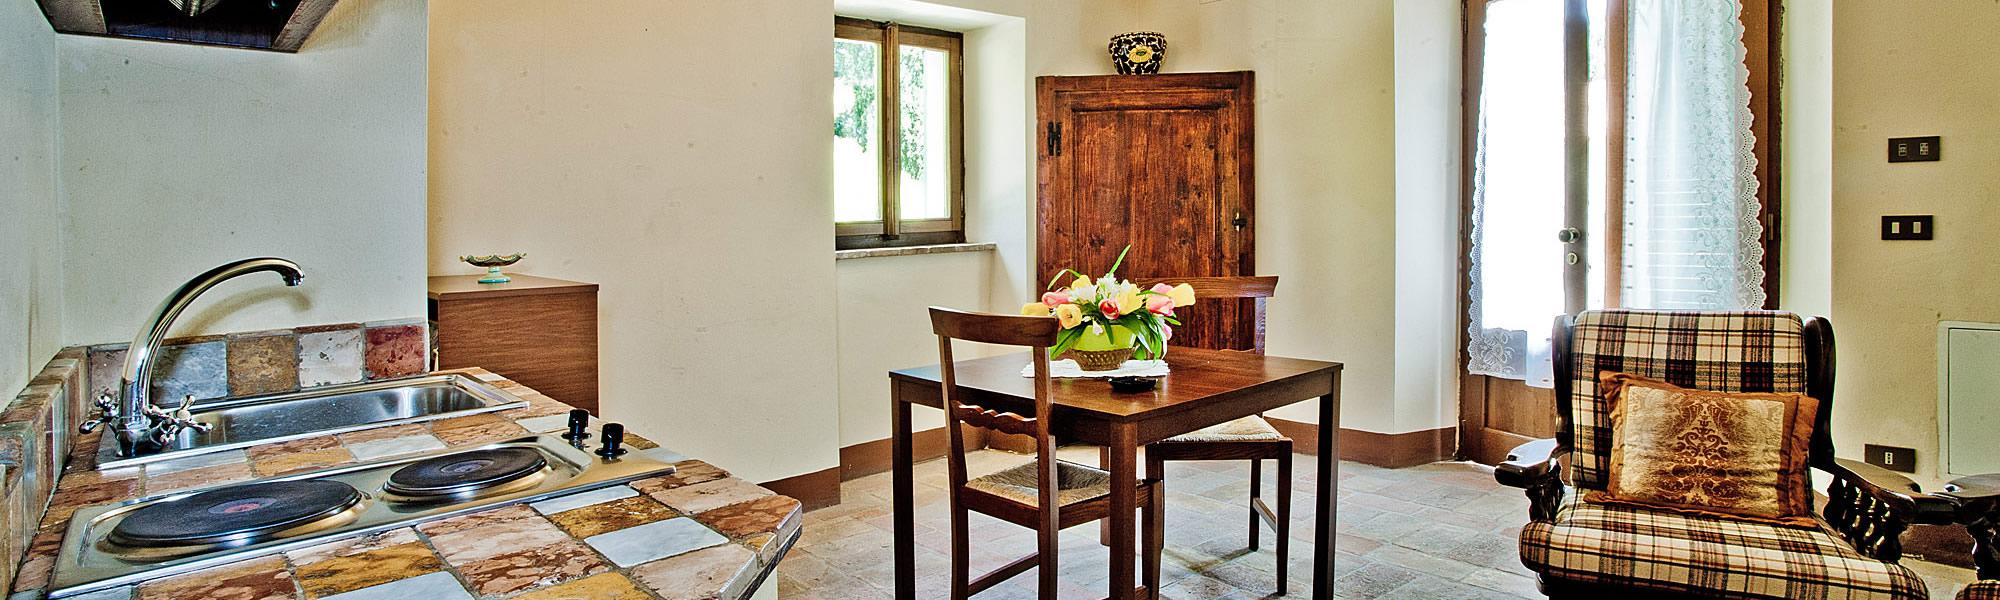 Appartamento Granaio in affitto Toscana